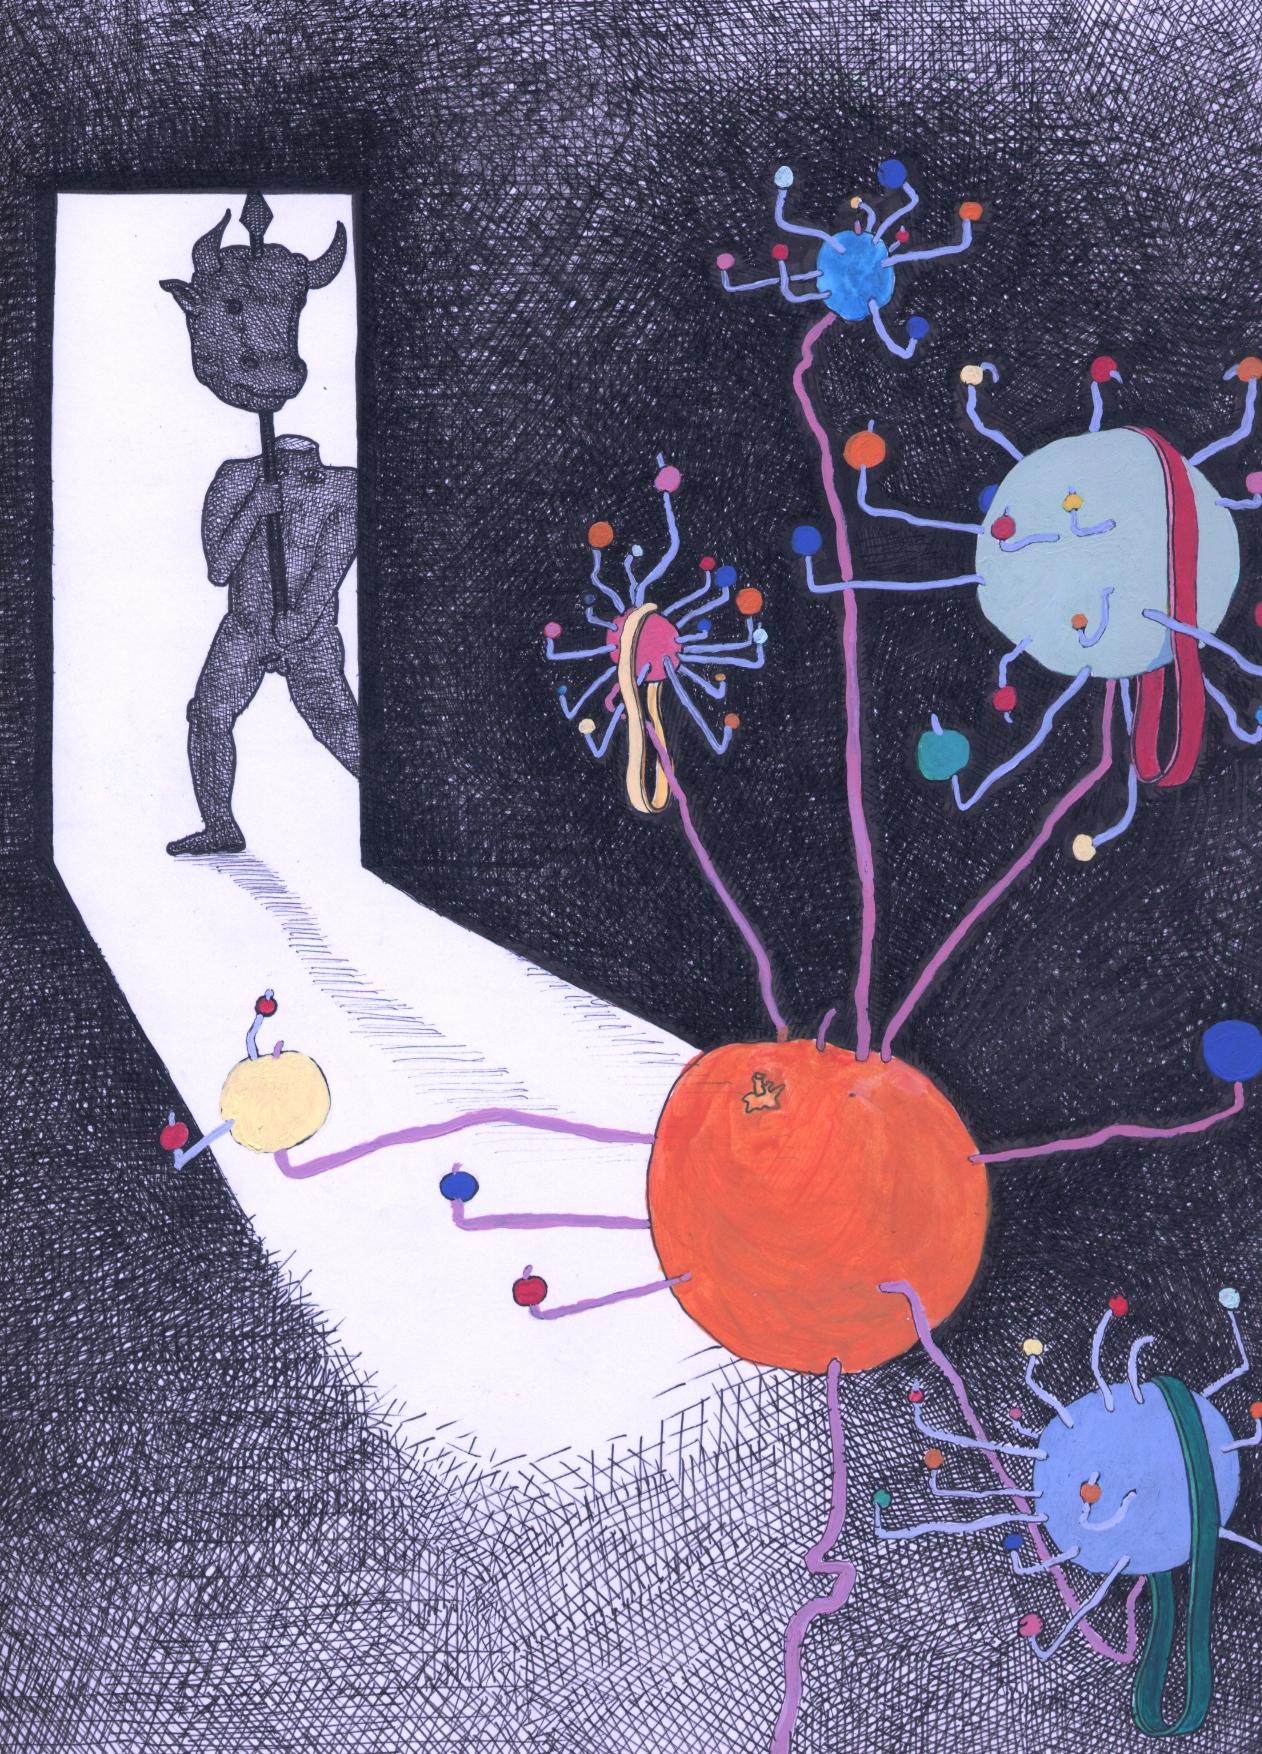 Daniel Fabian - Happenstance